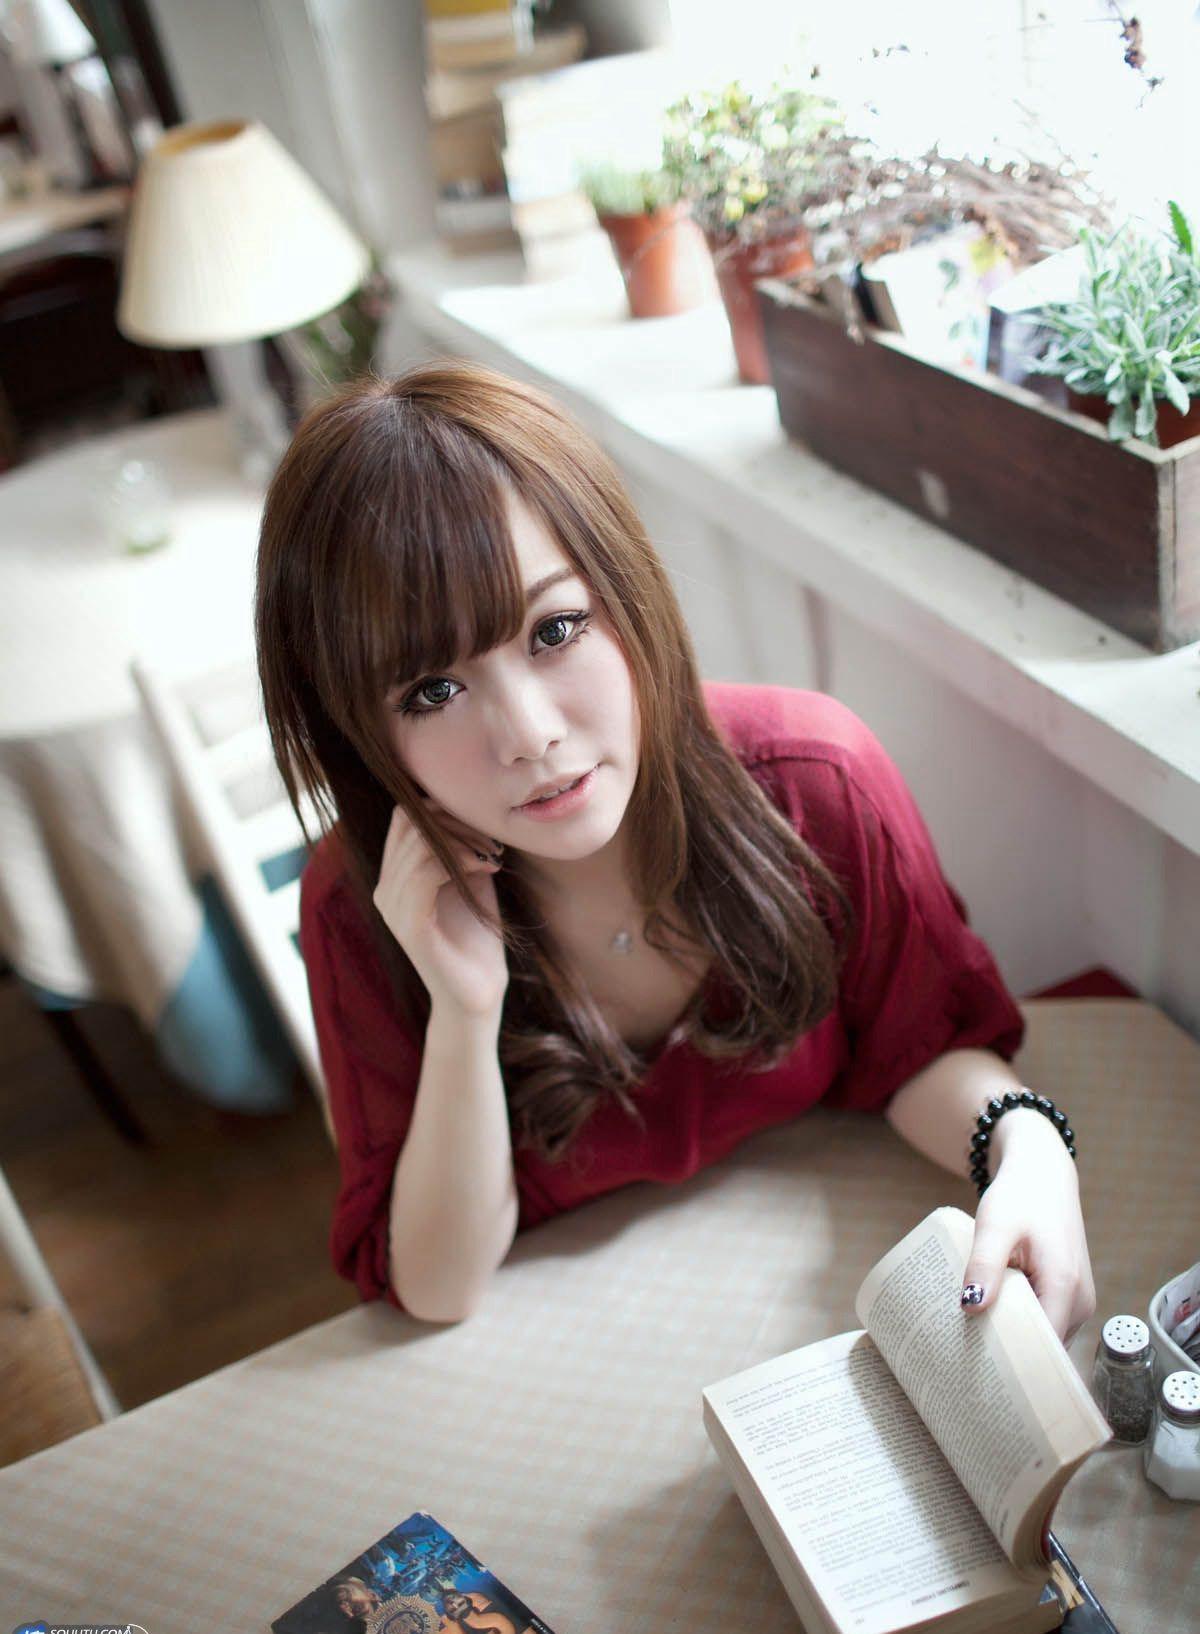 MKMP-369日本校园运动美女丝袜美腿极品尤物福利杂志写真